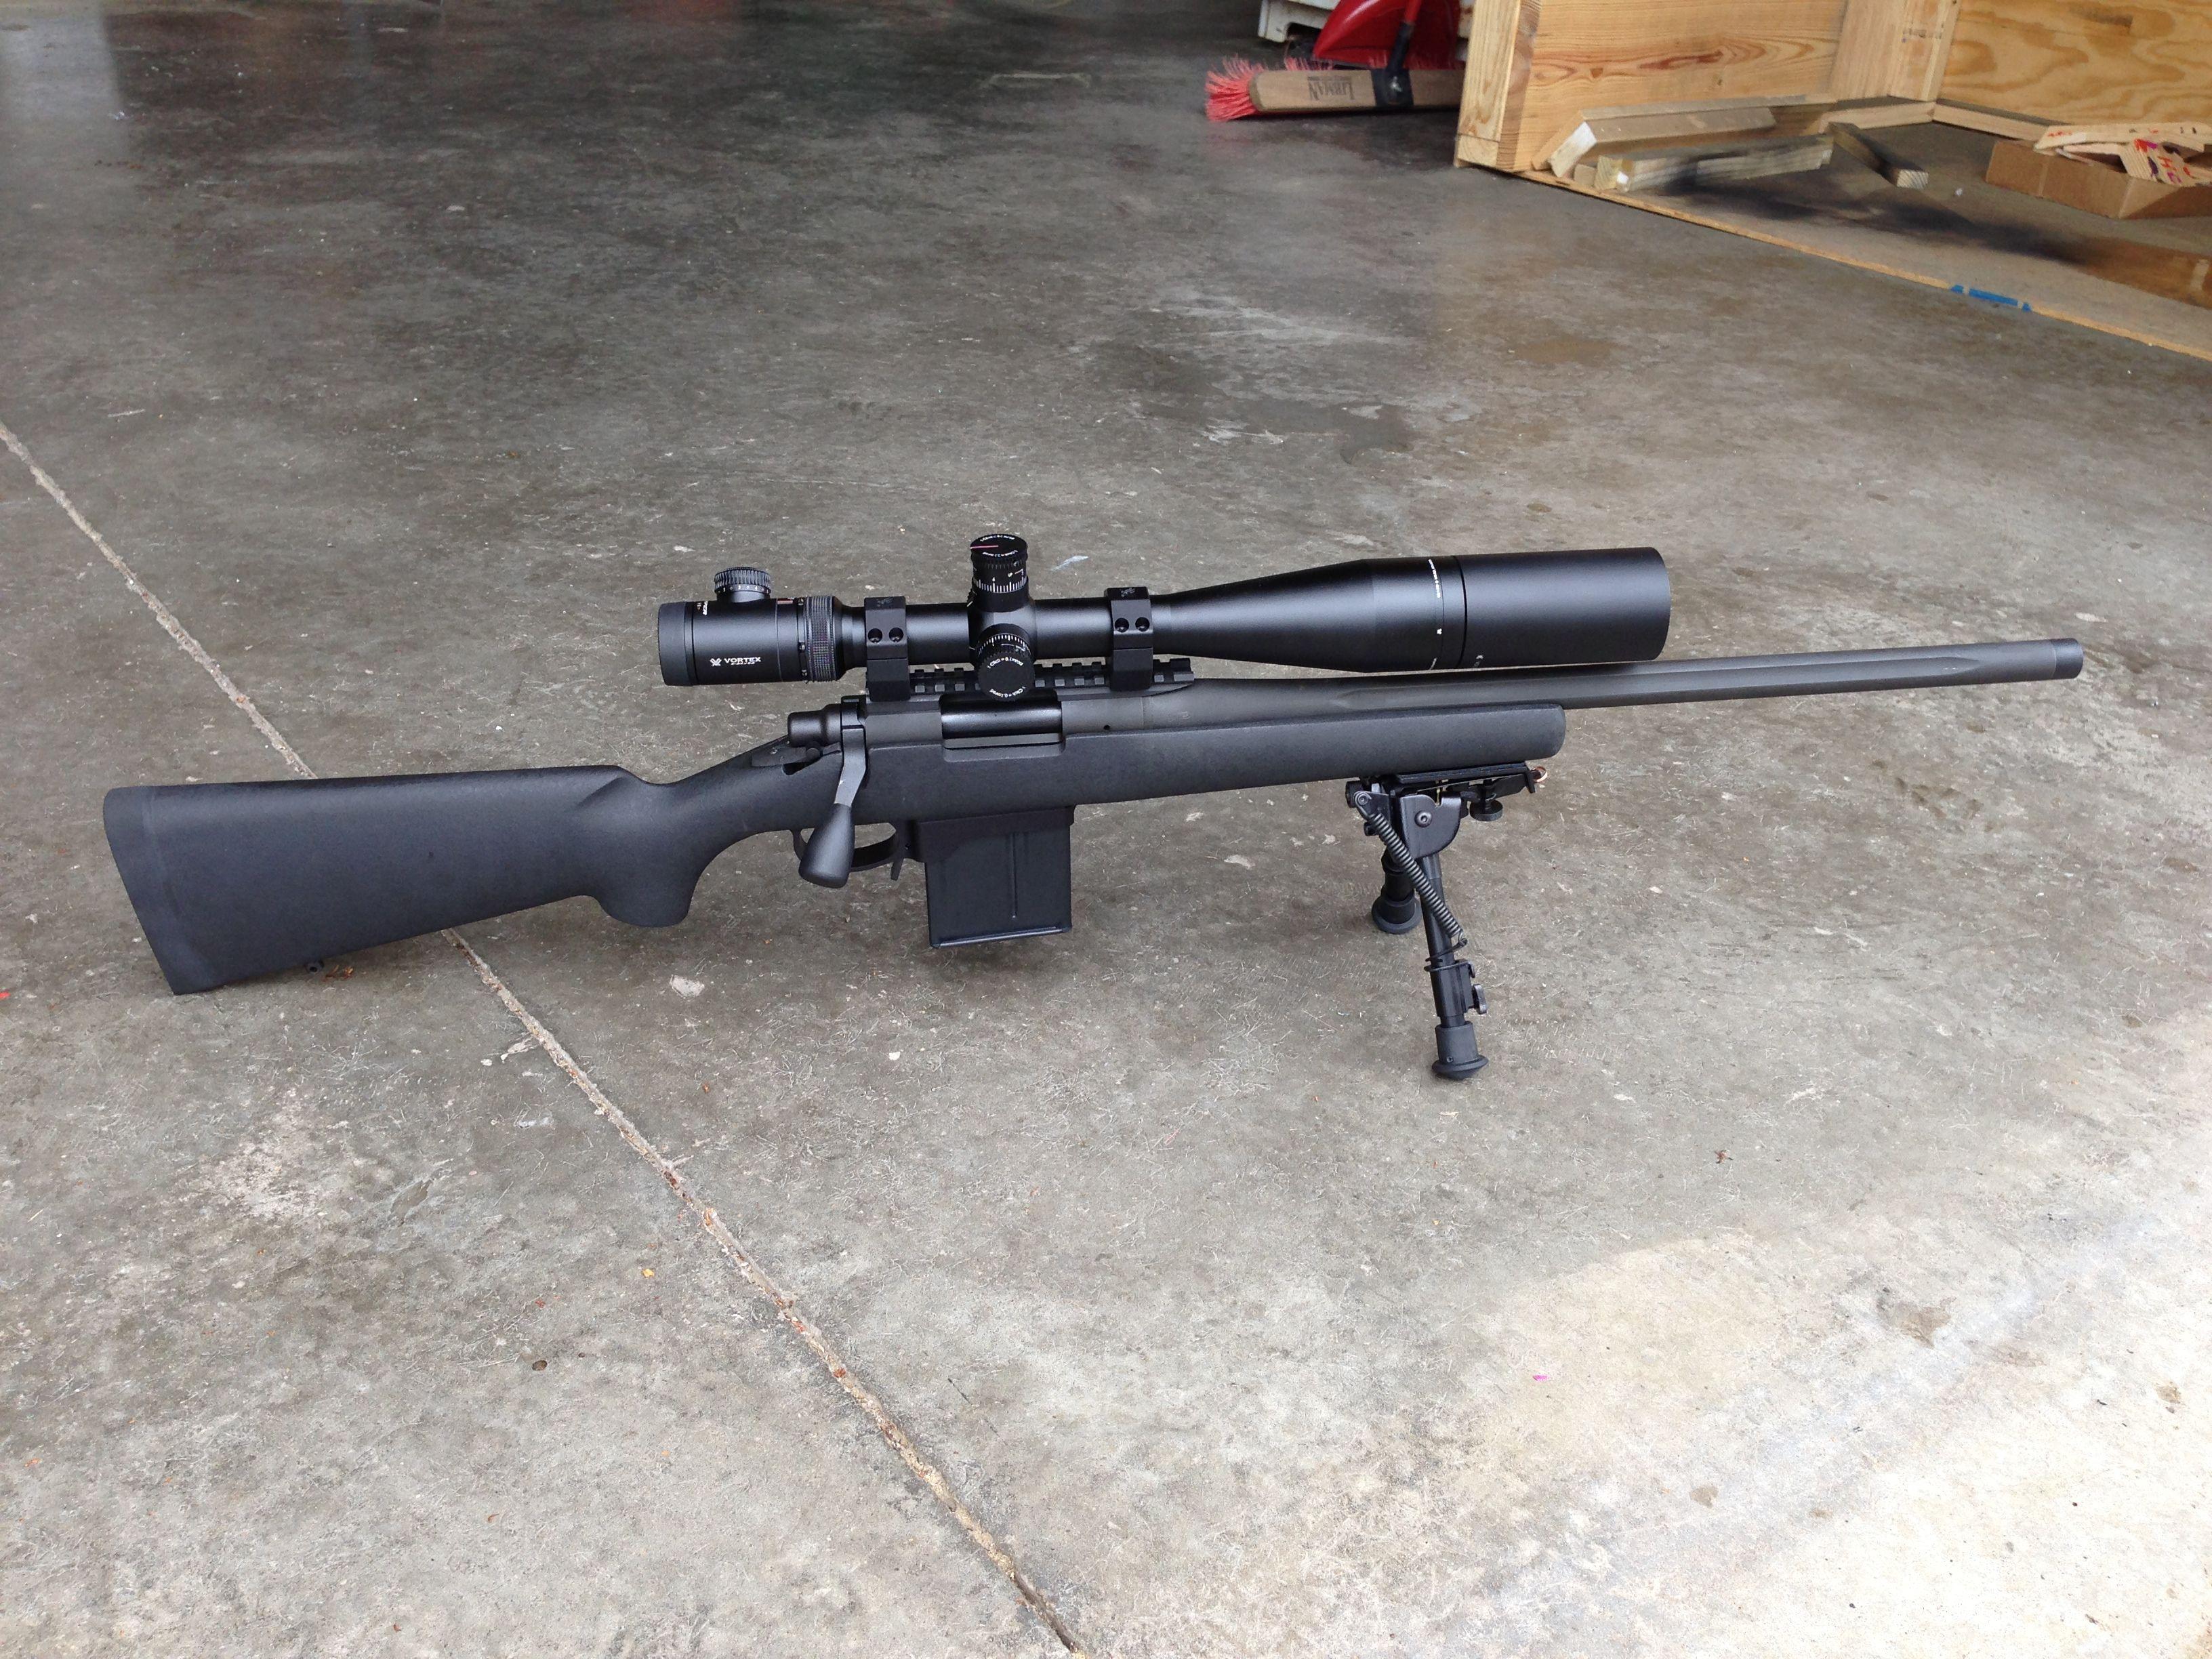 Longer-ranged rifle for defense?-4fffe9cb0fb154d87ae569b3b5a29633.jpg